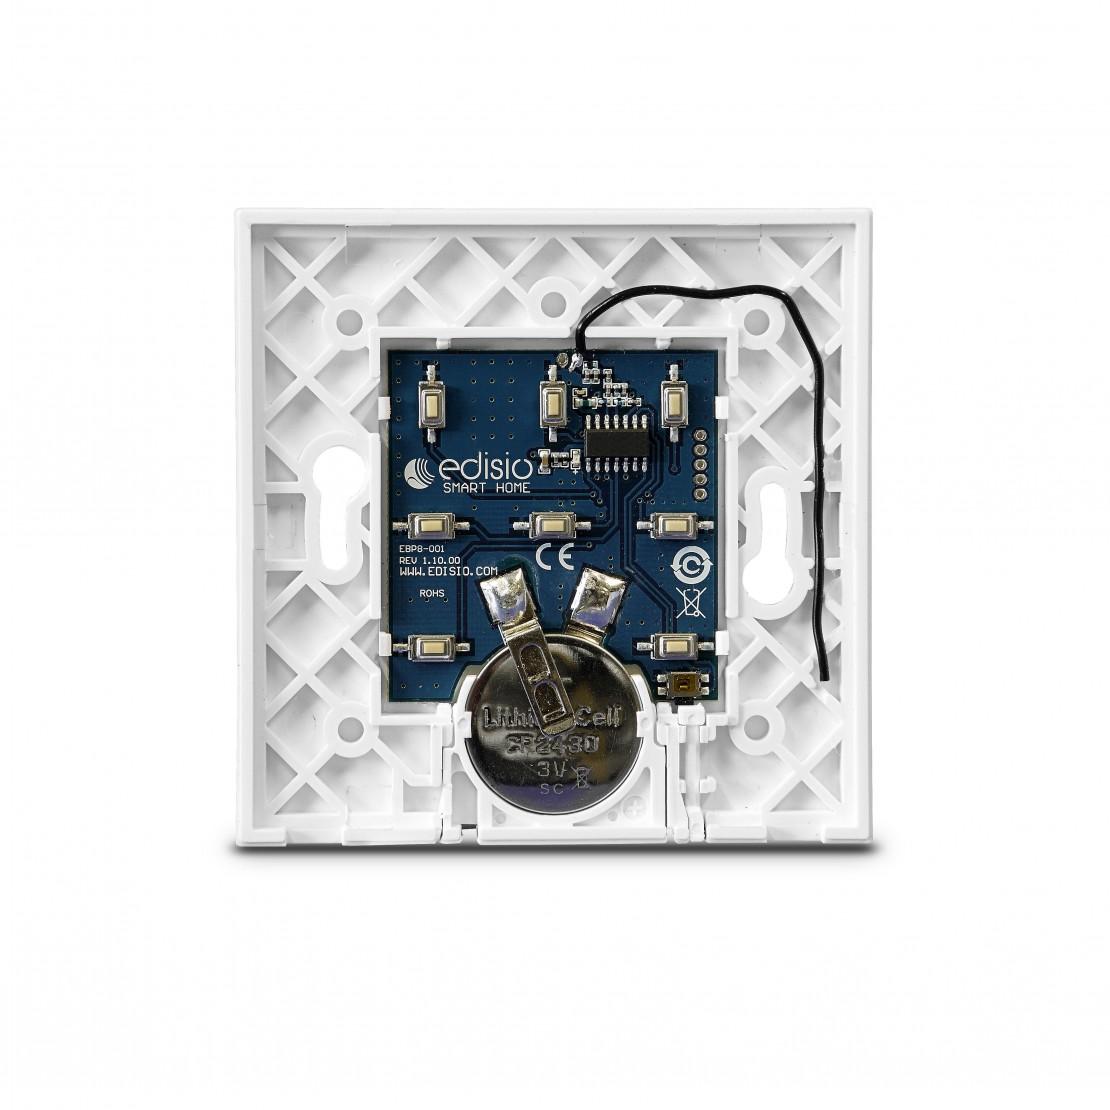 Base branca para interruptor Edisio (1 a 5 canais)